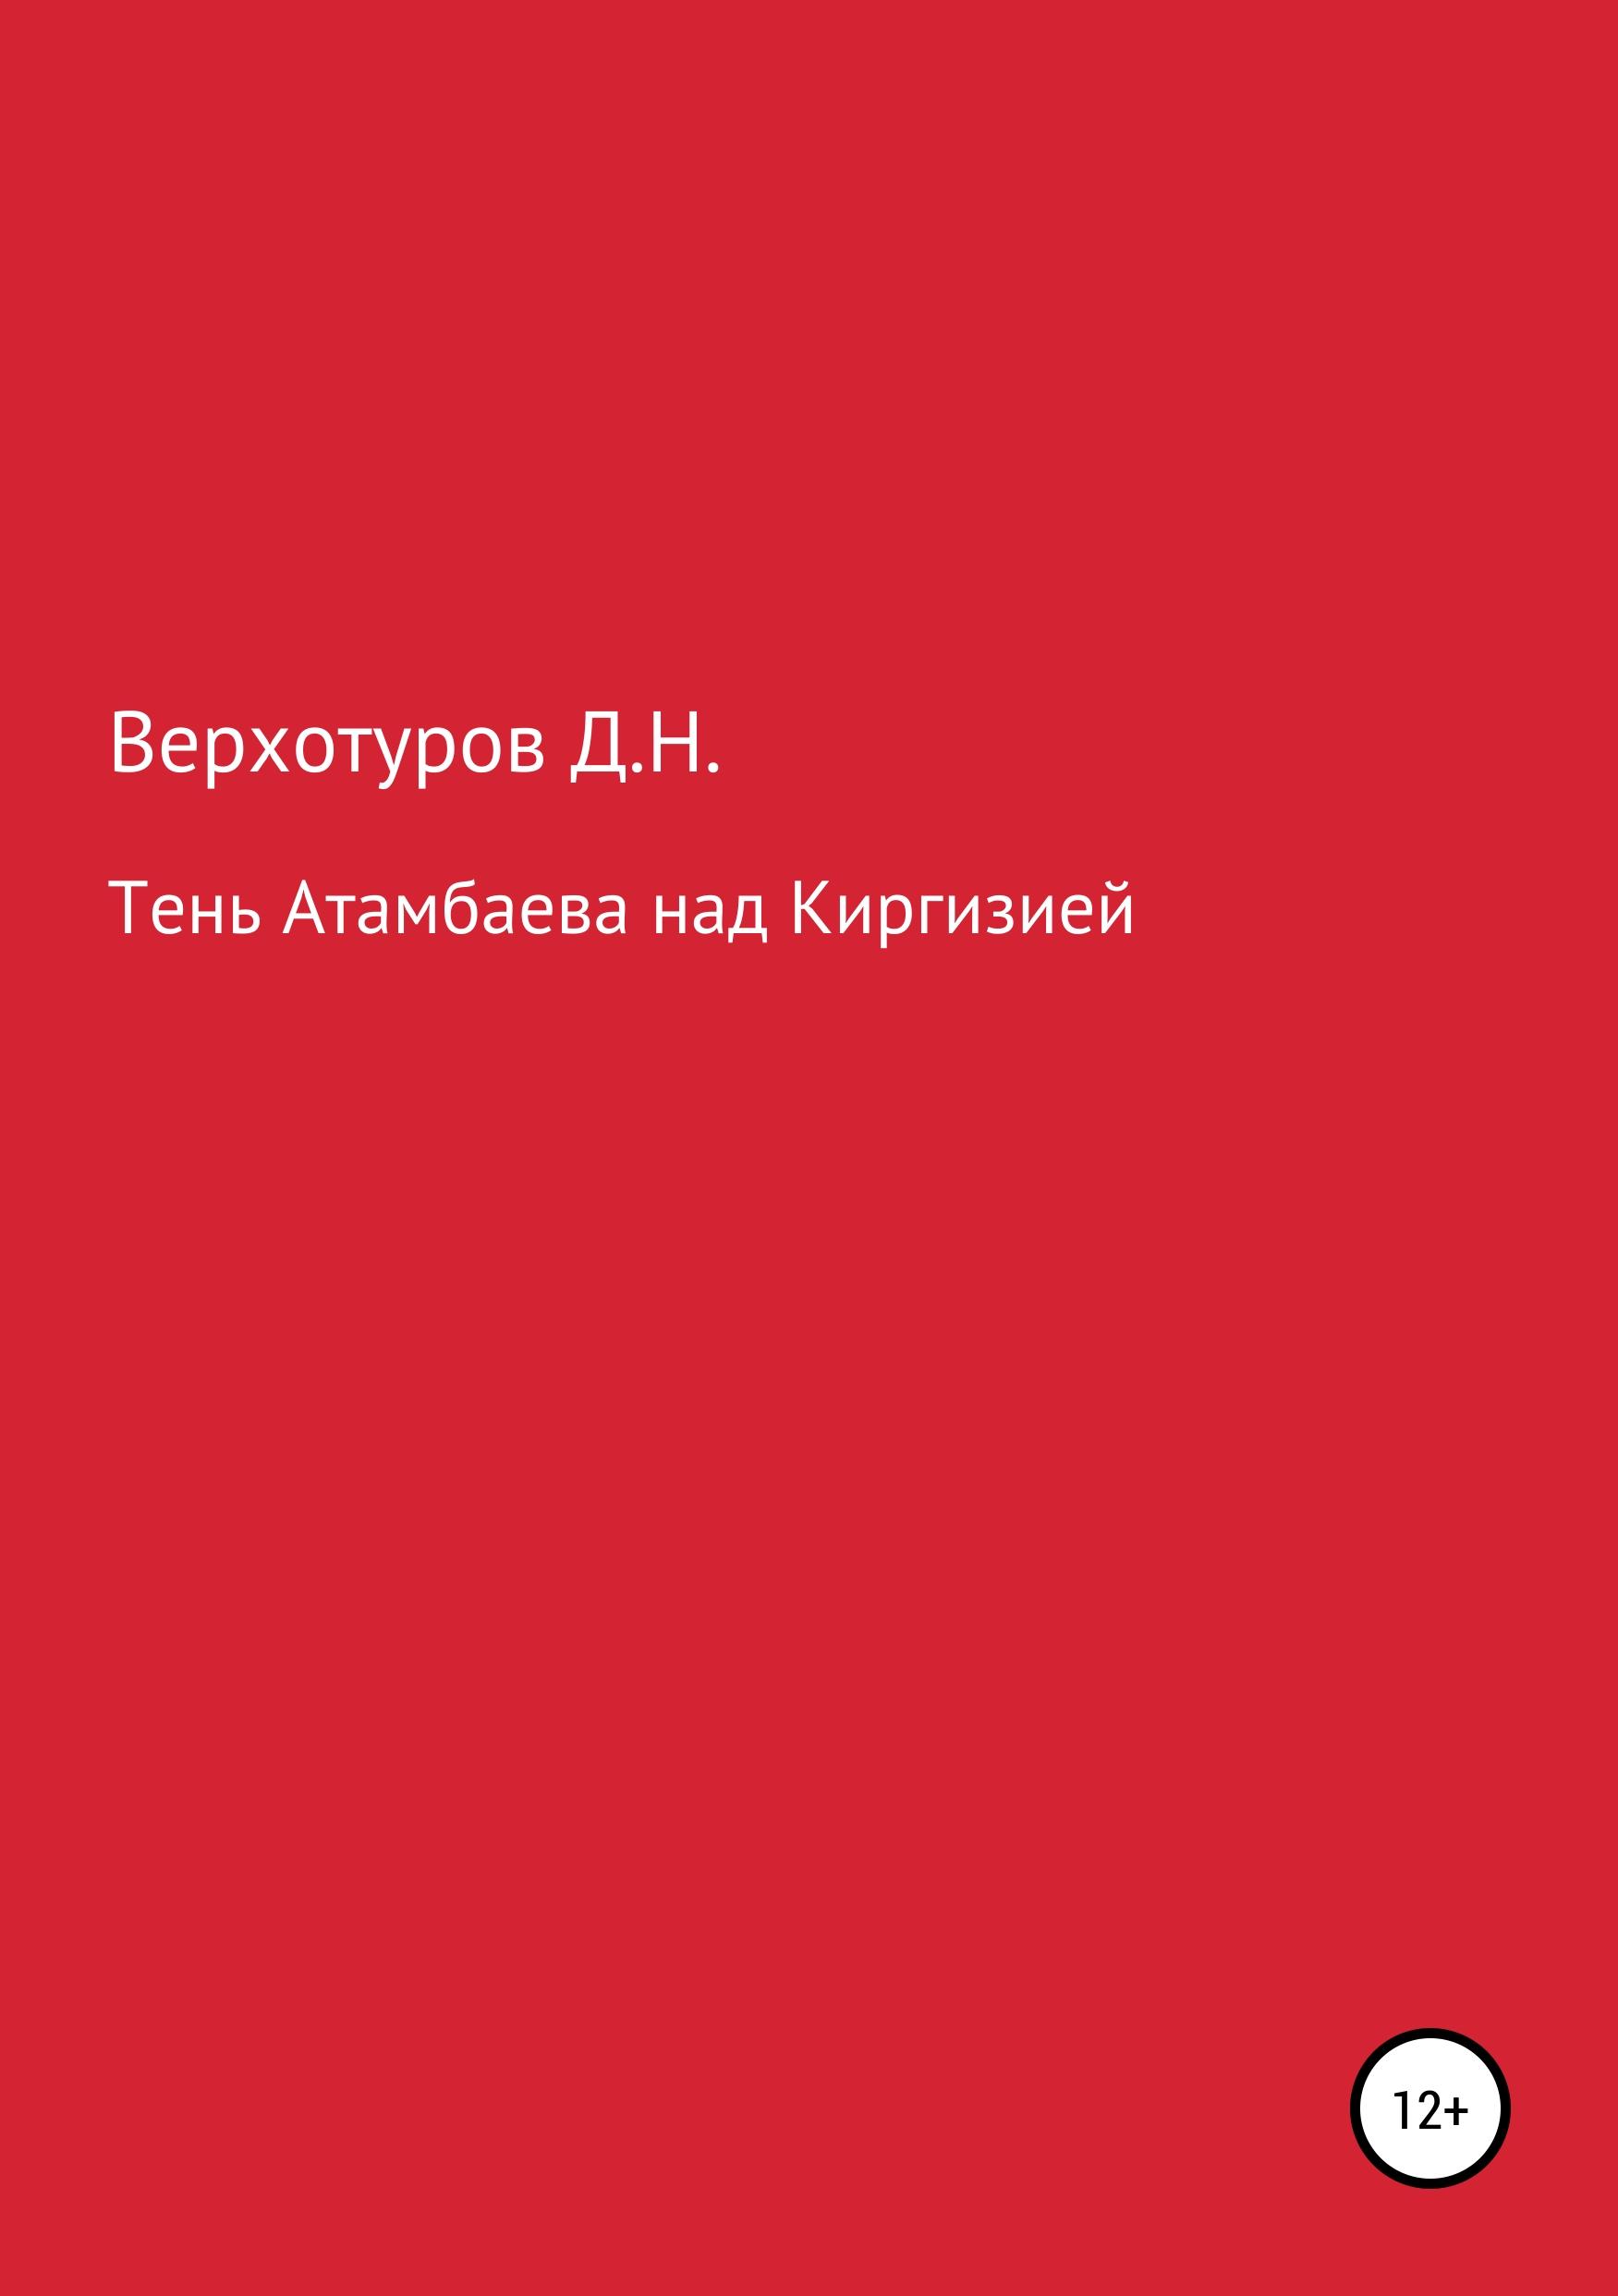 Тень Атамбаева над Киргизией